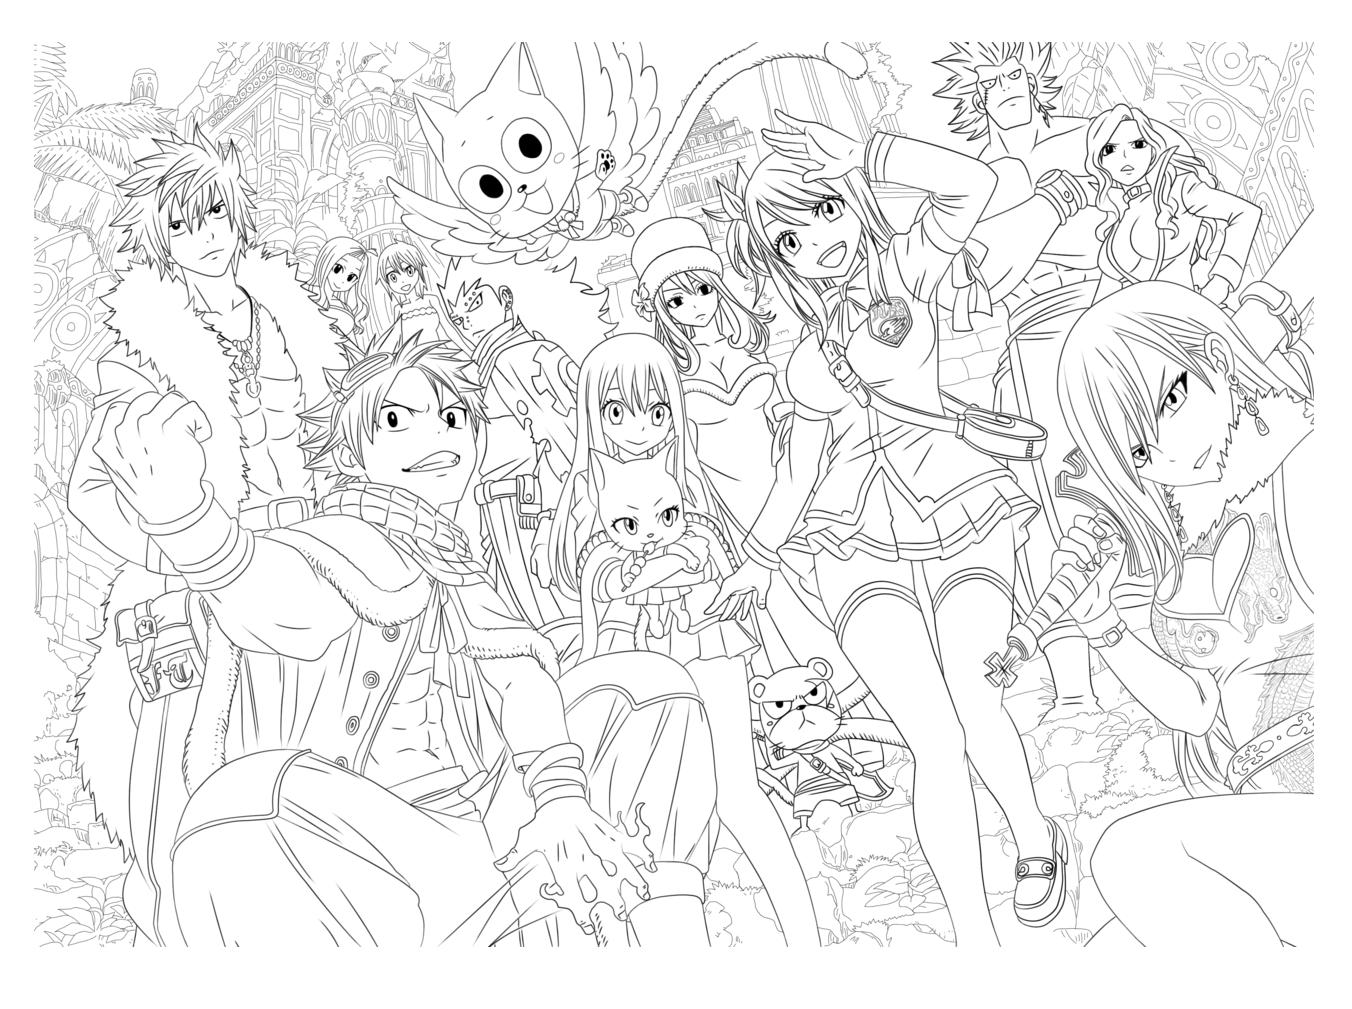 Manga_par_tobeydA partir de la galerie : Retour En Enfance